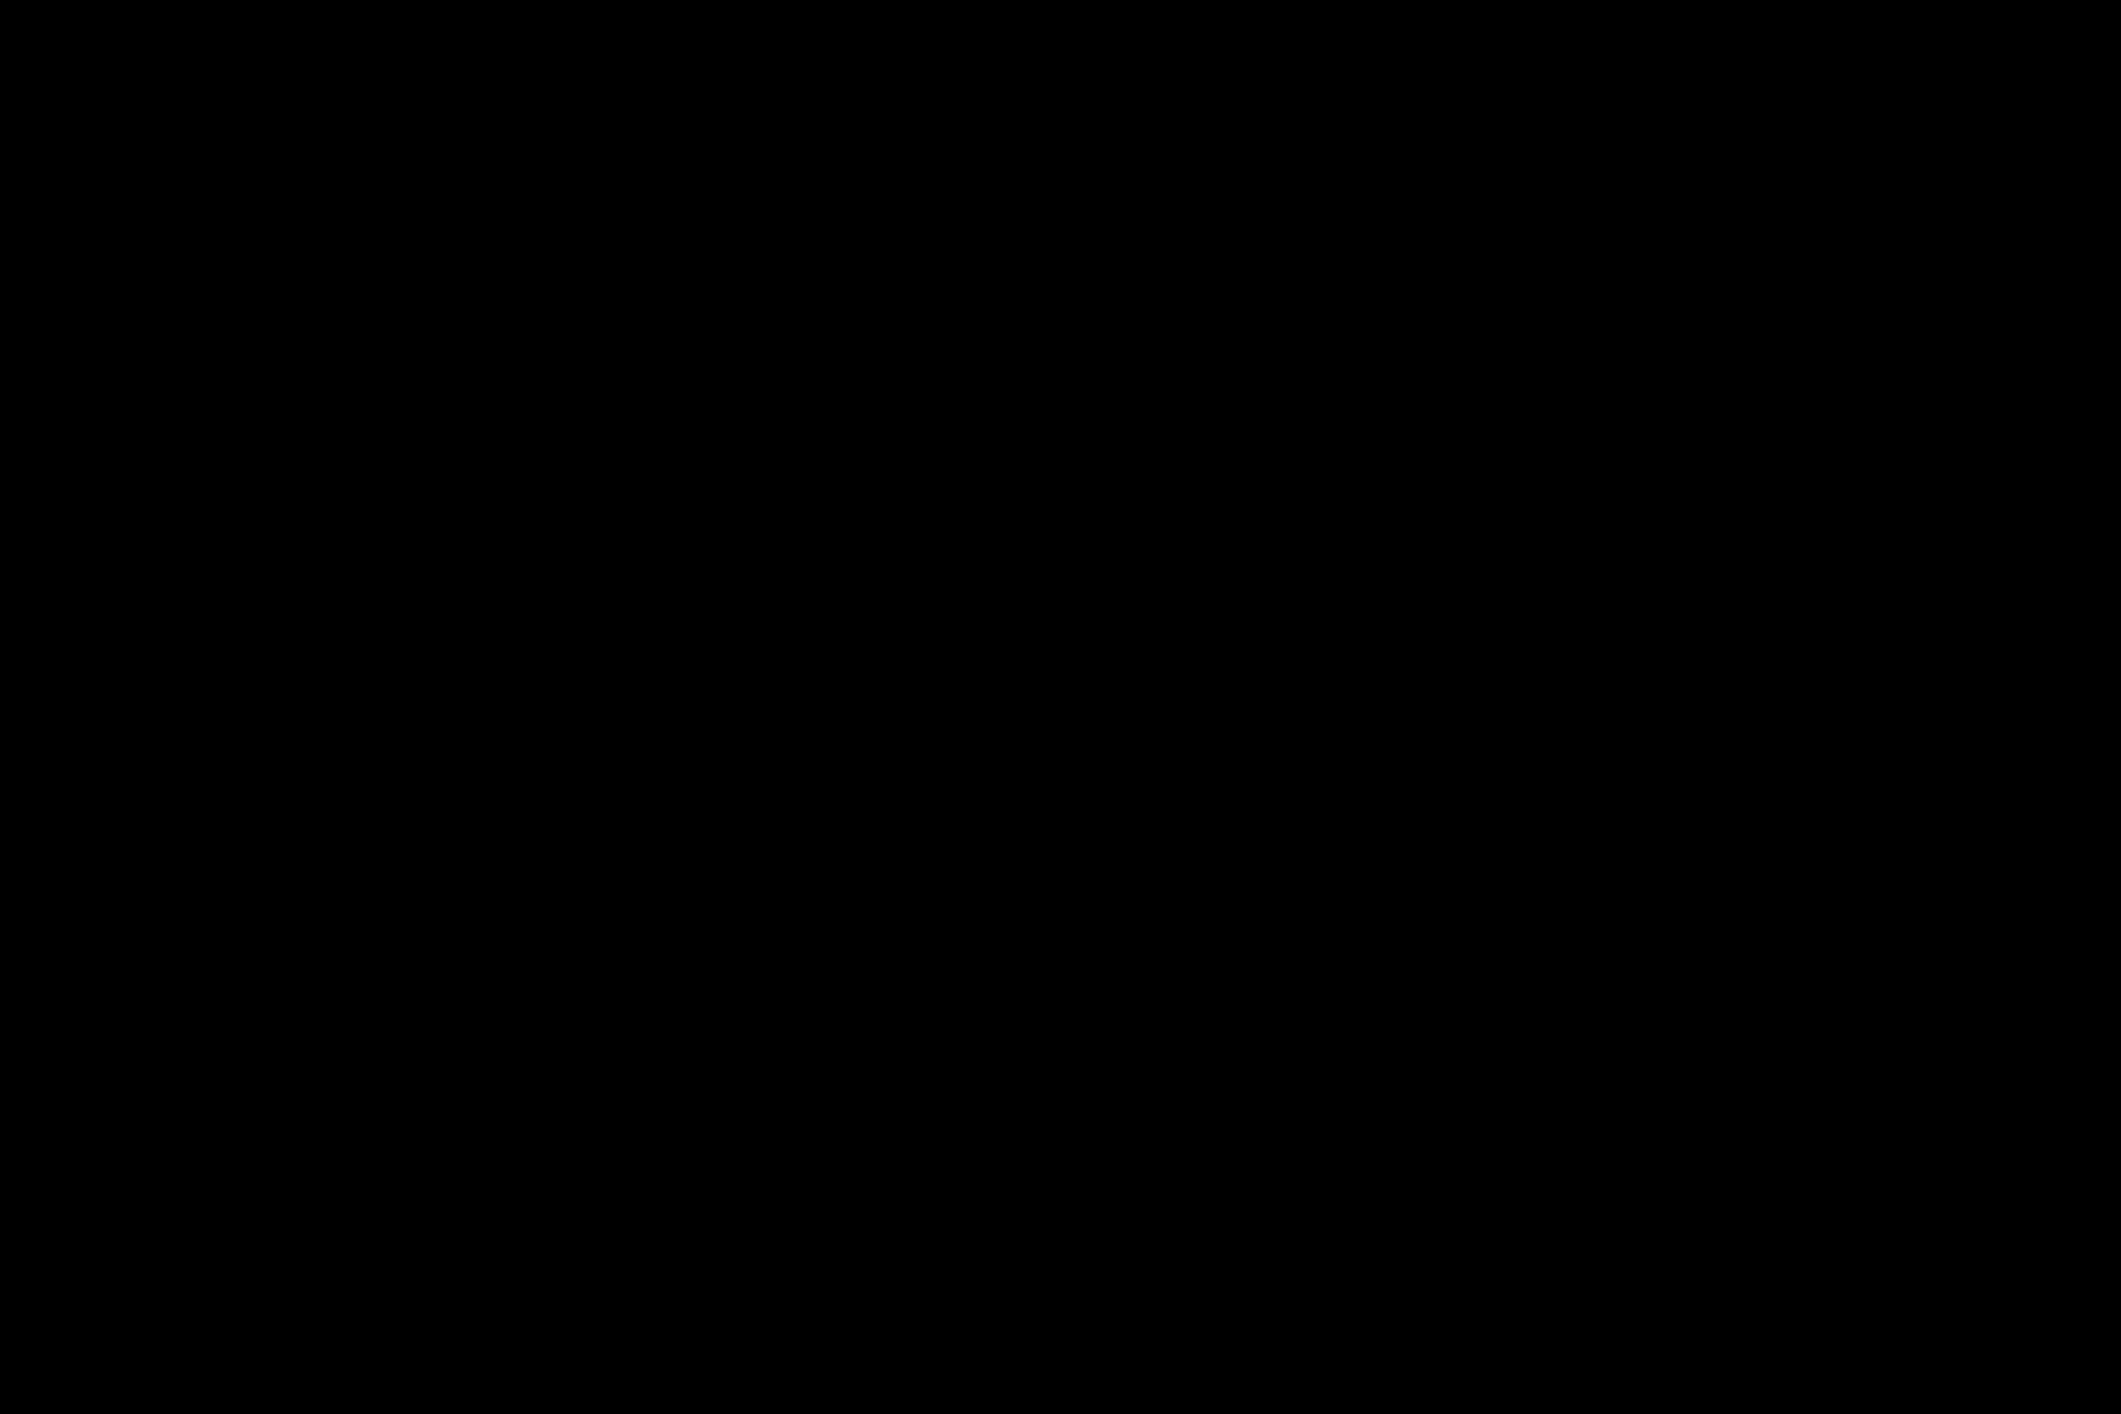 bulkchemicalïen-é